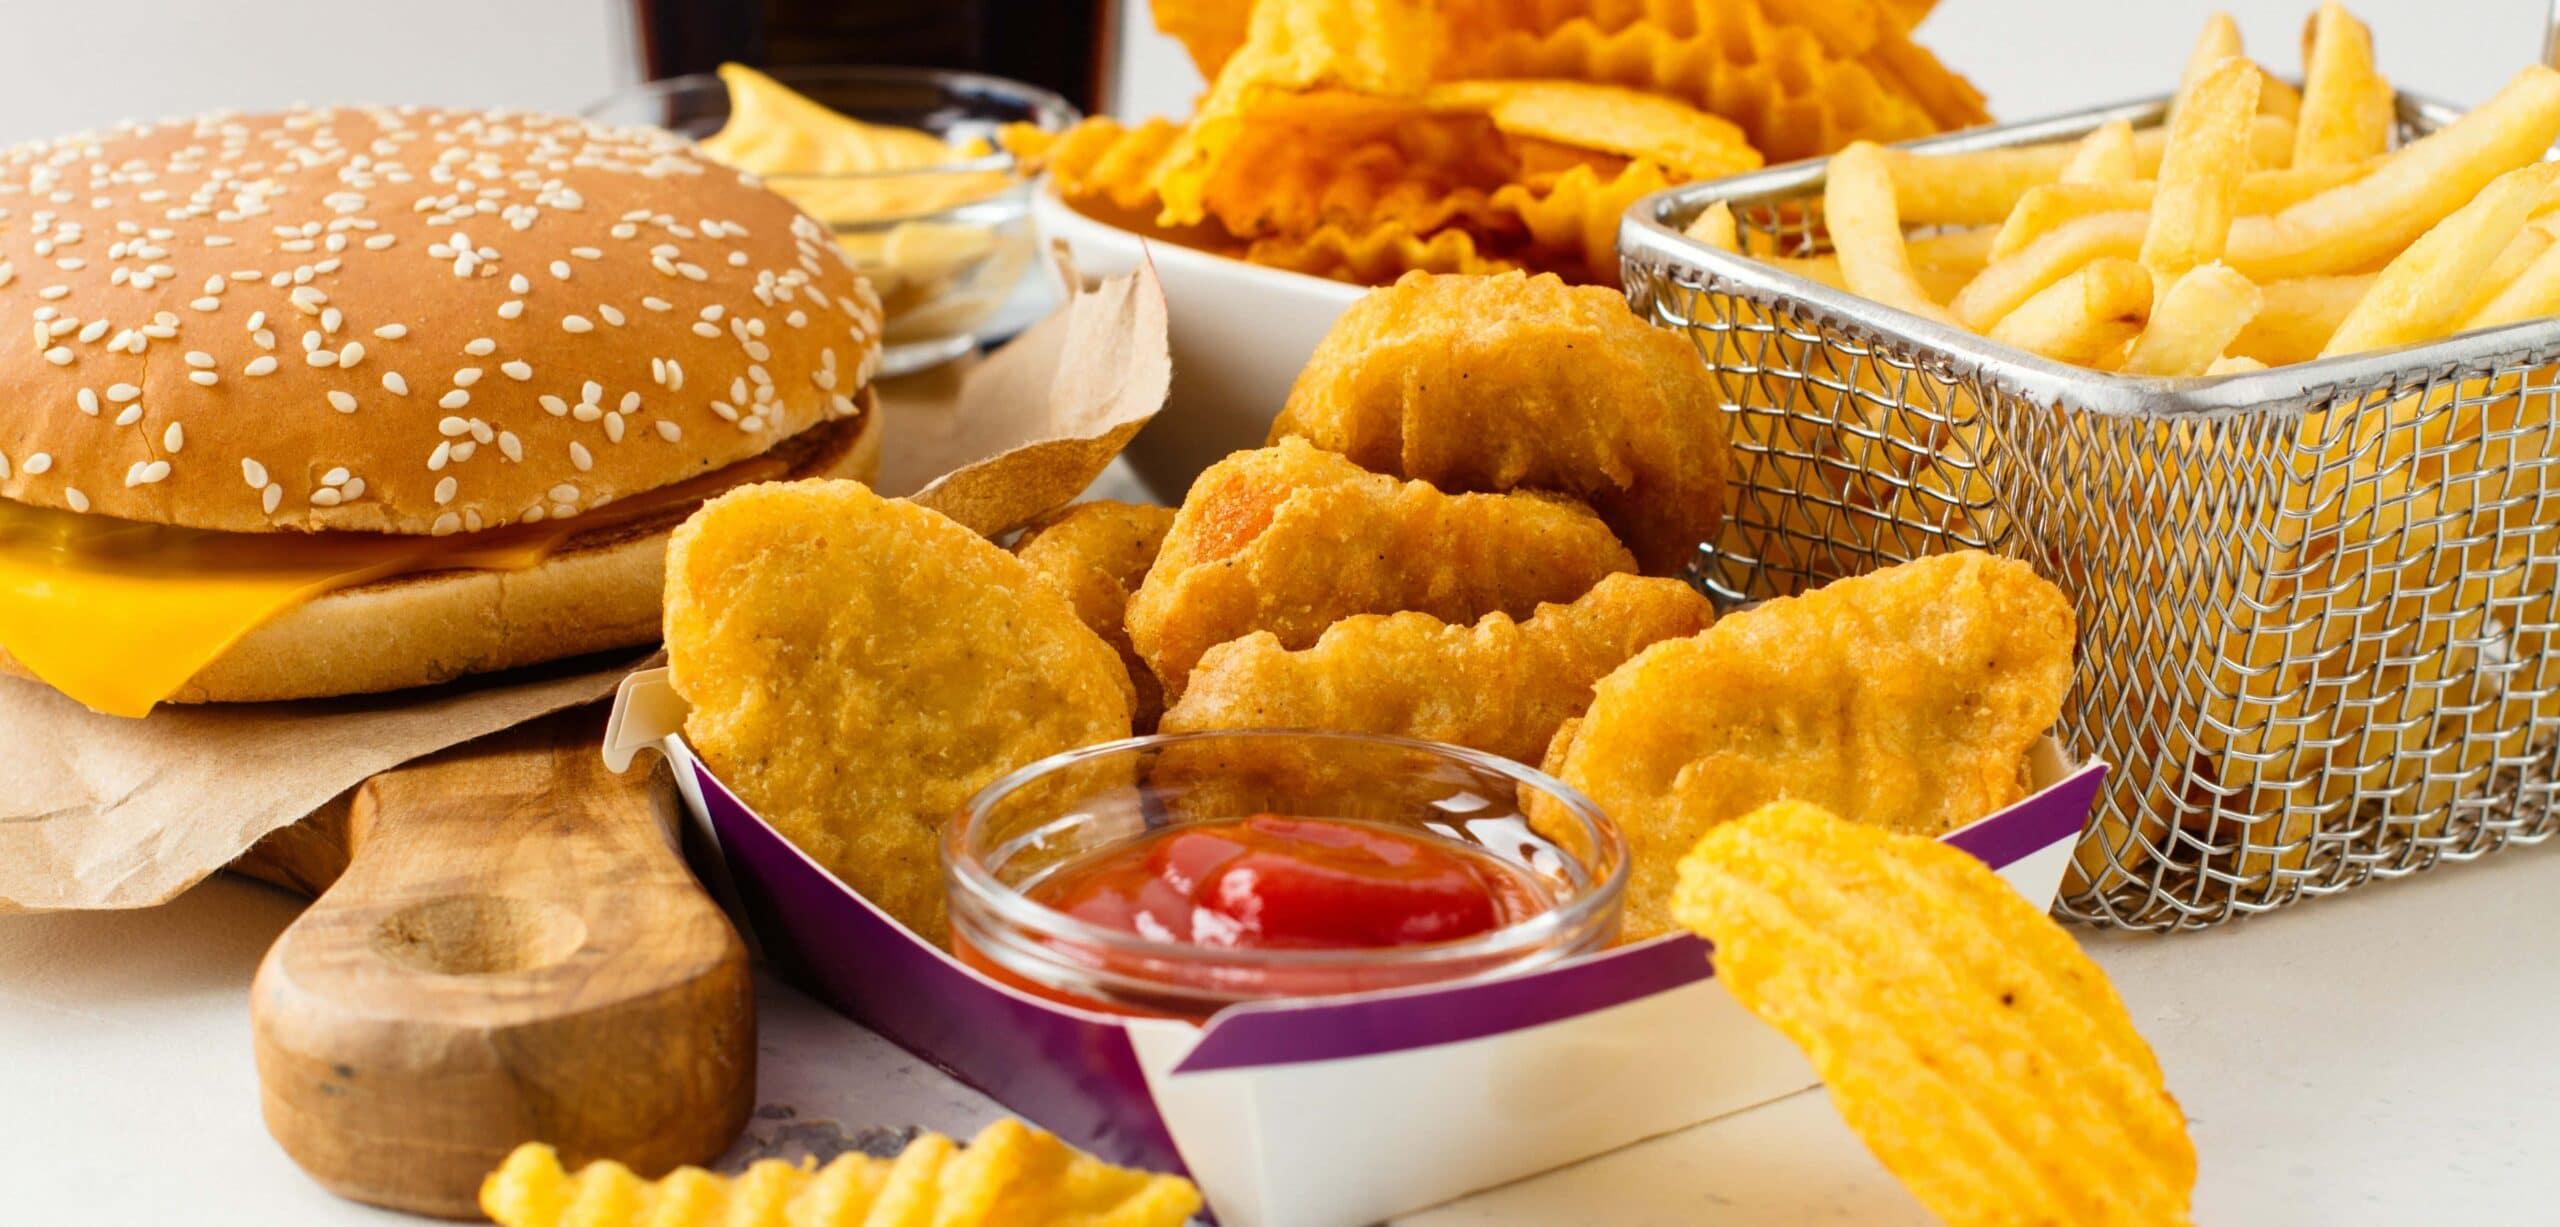 grassi cattivi nella dieta